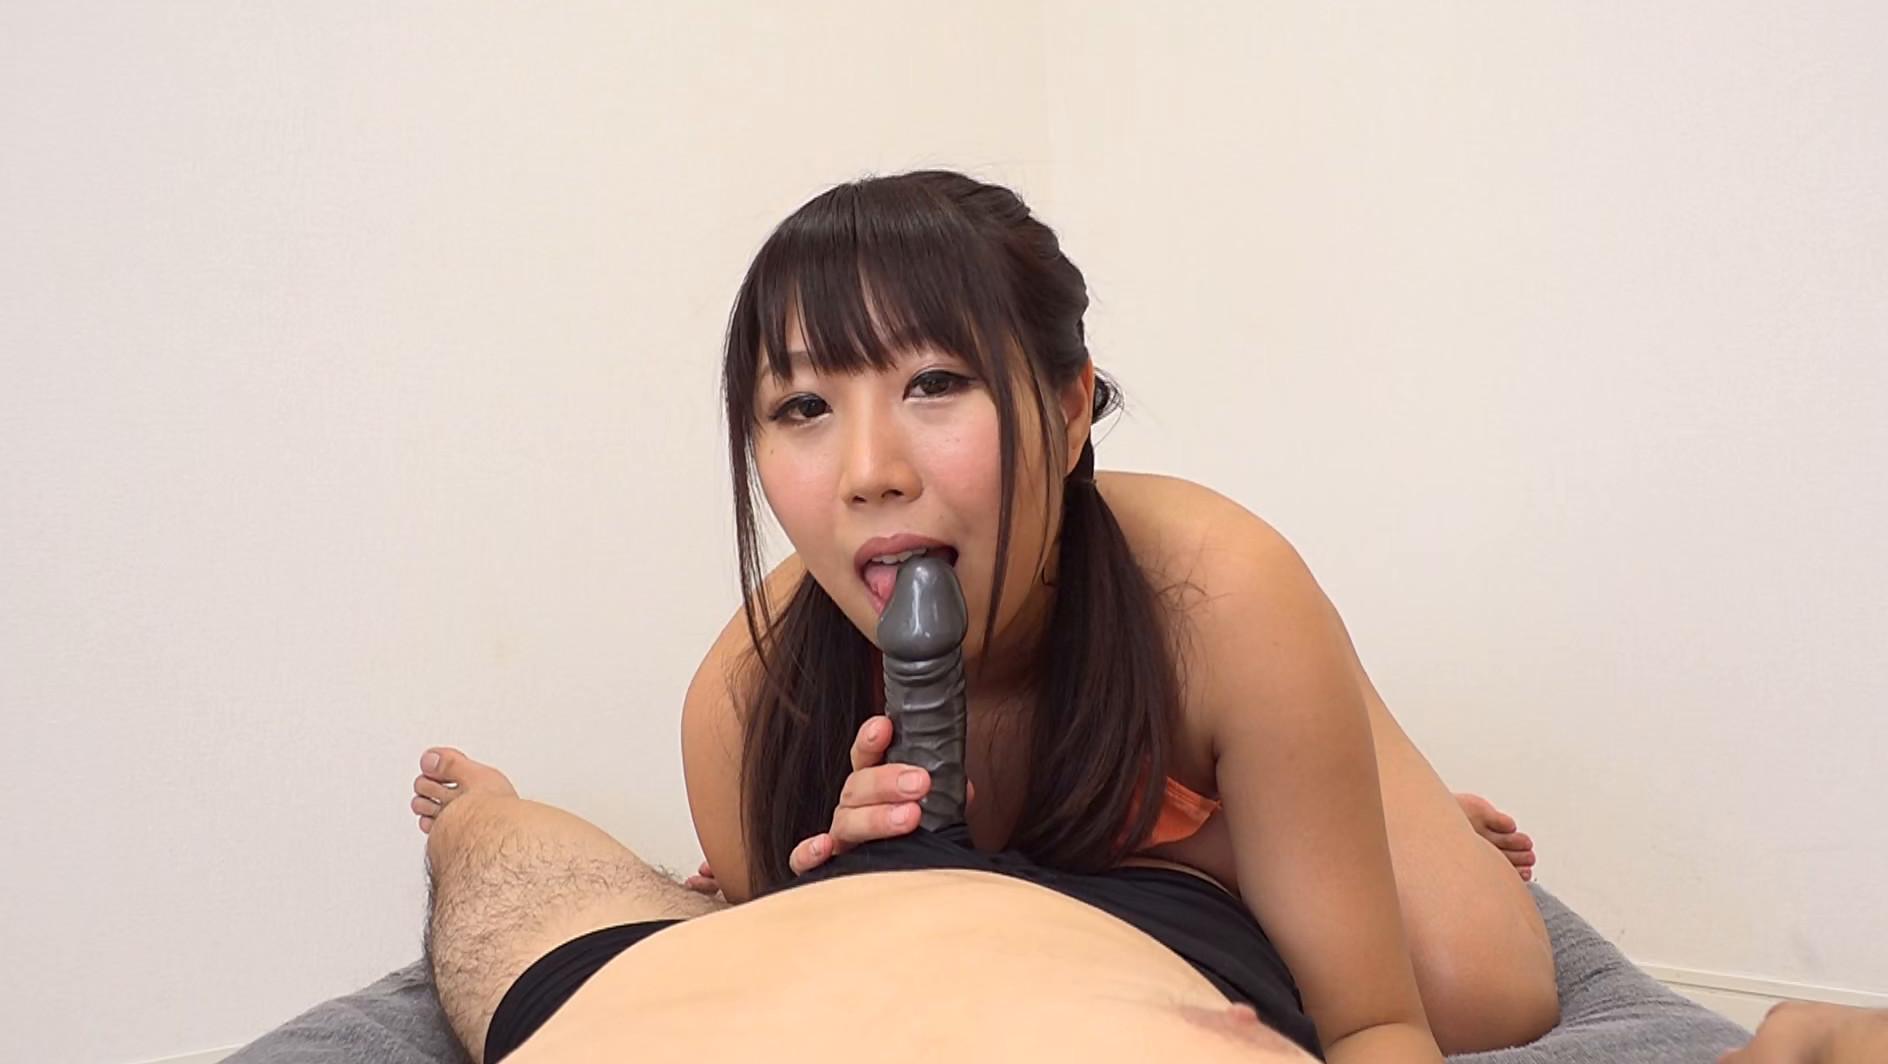 せんずりサポート ~Gカップ巨乳グラビアアイドル~R-18 松本静香 画像21